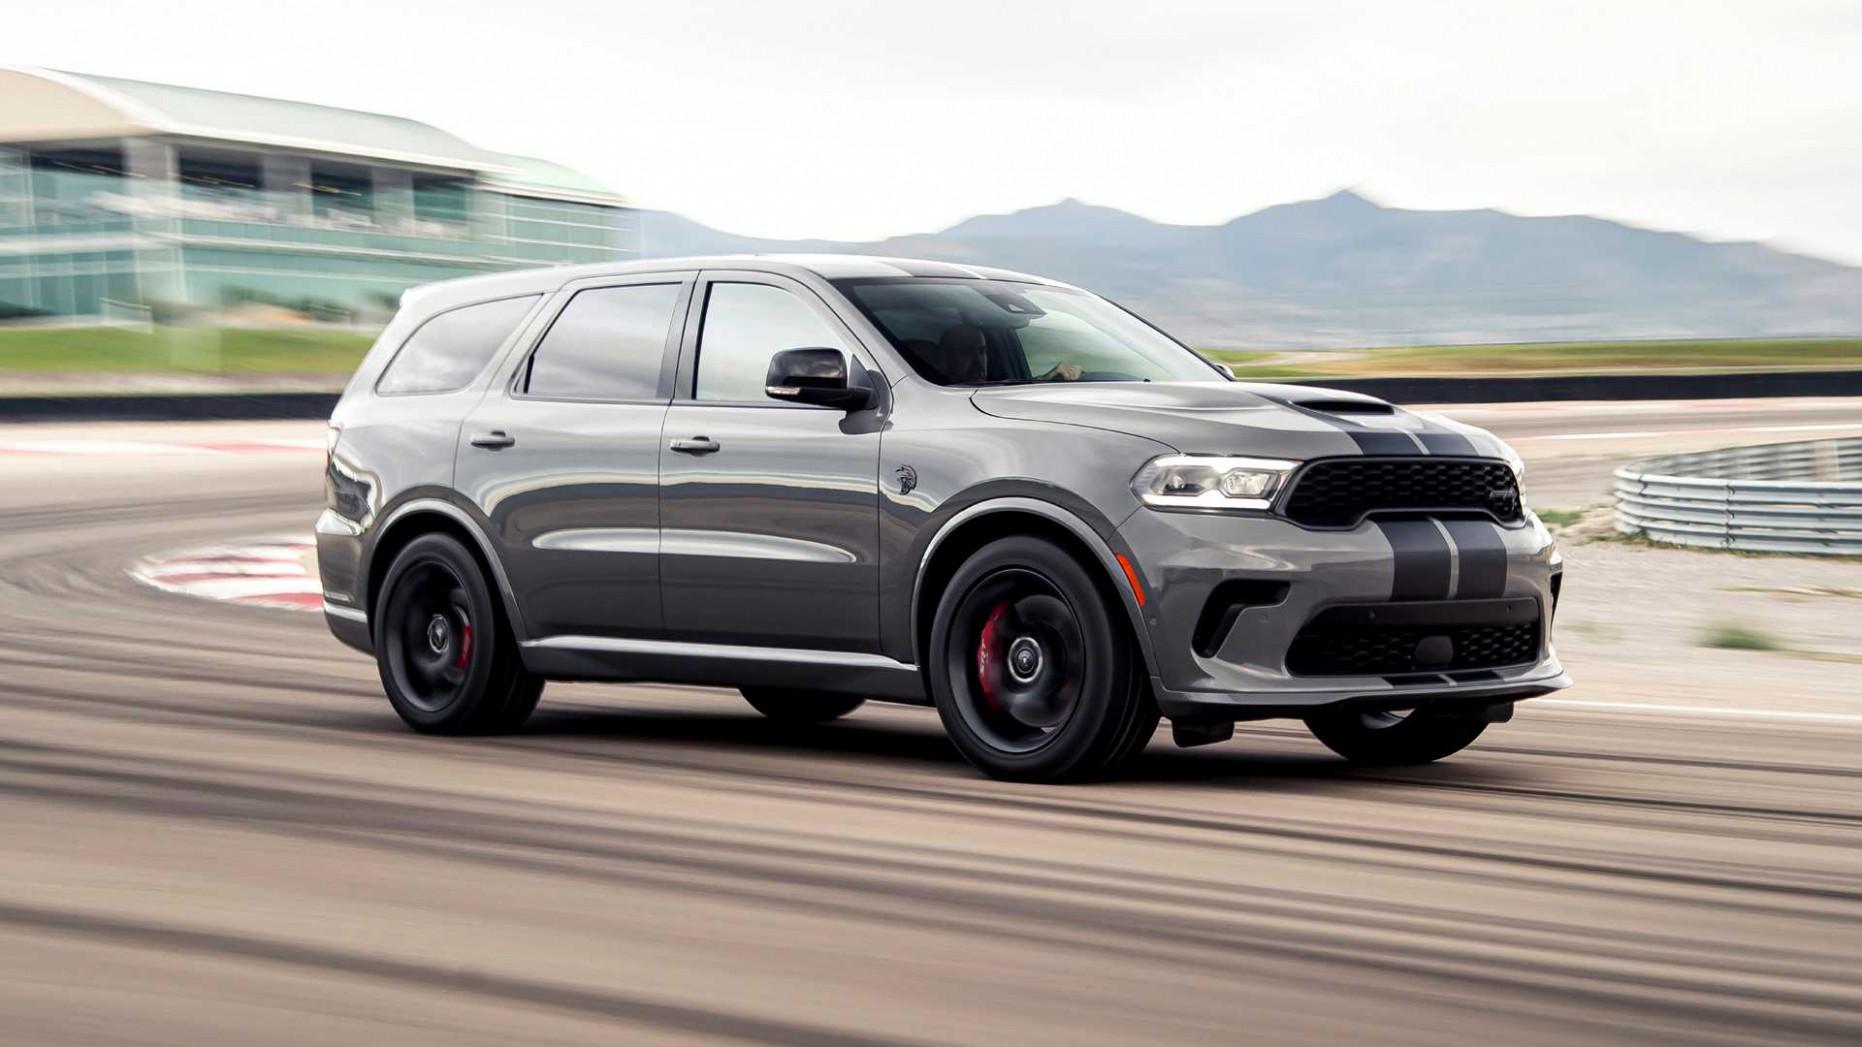 Performance Dodge Durango 2022